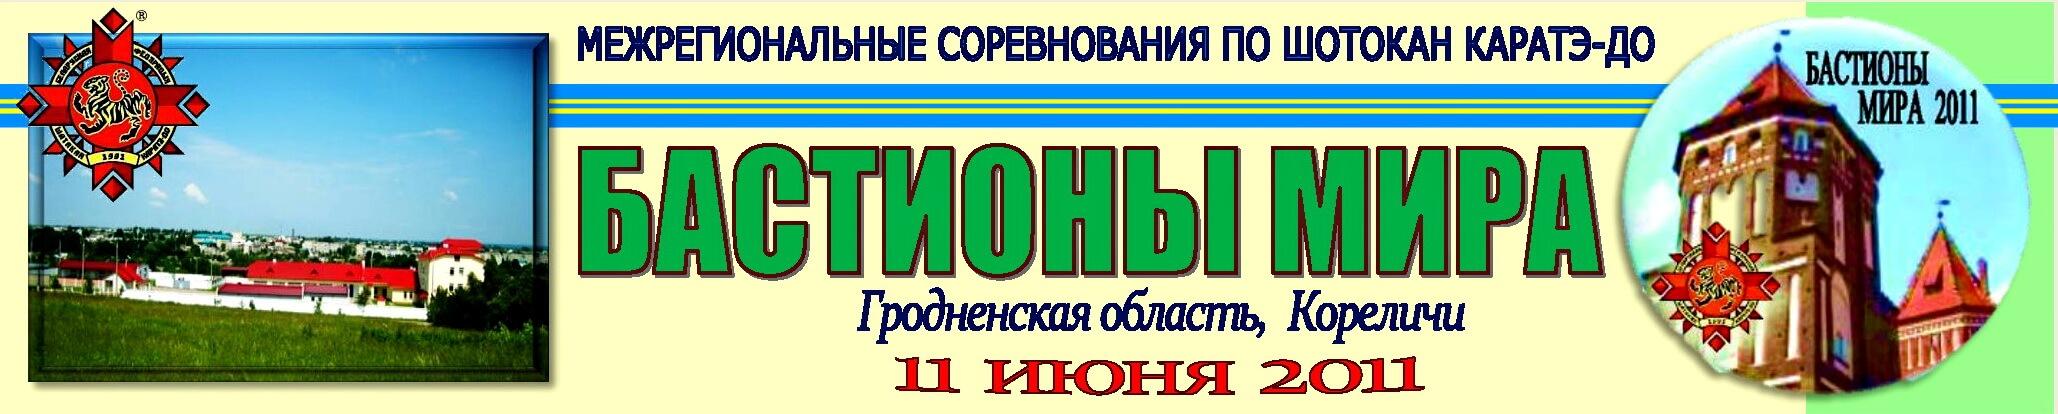 Кореличи-2011 Баннер